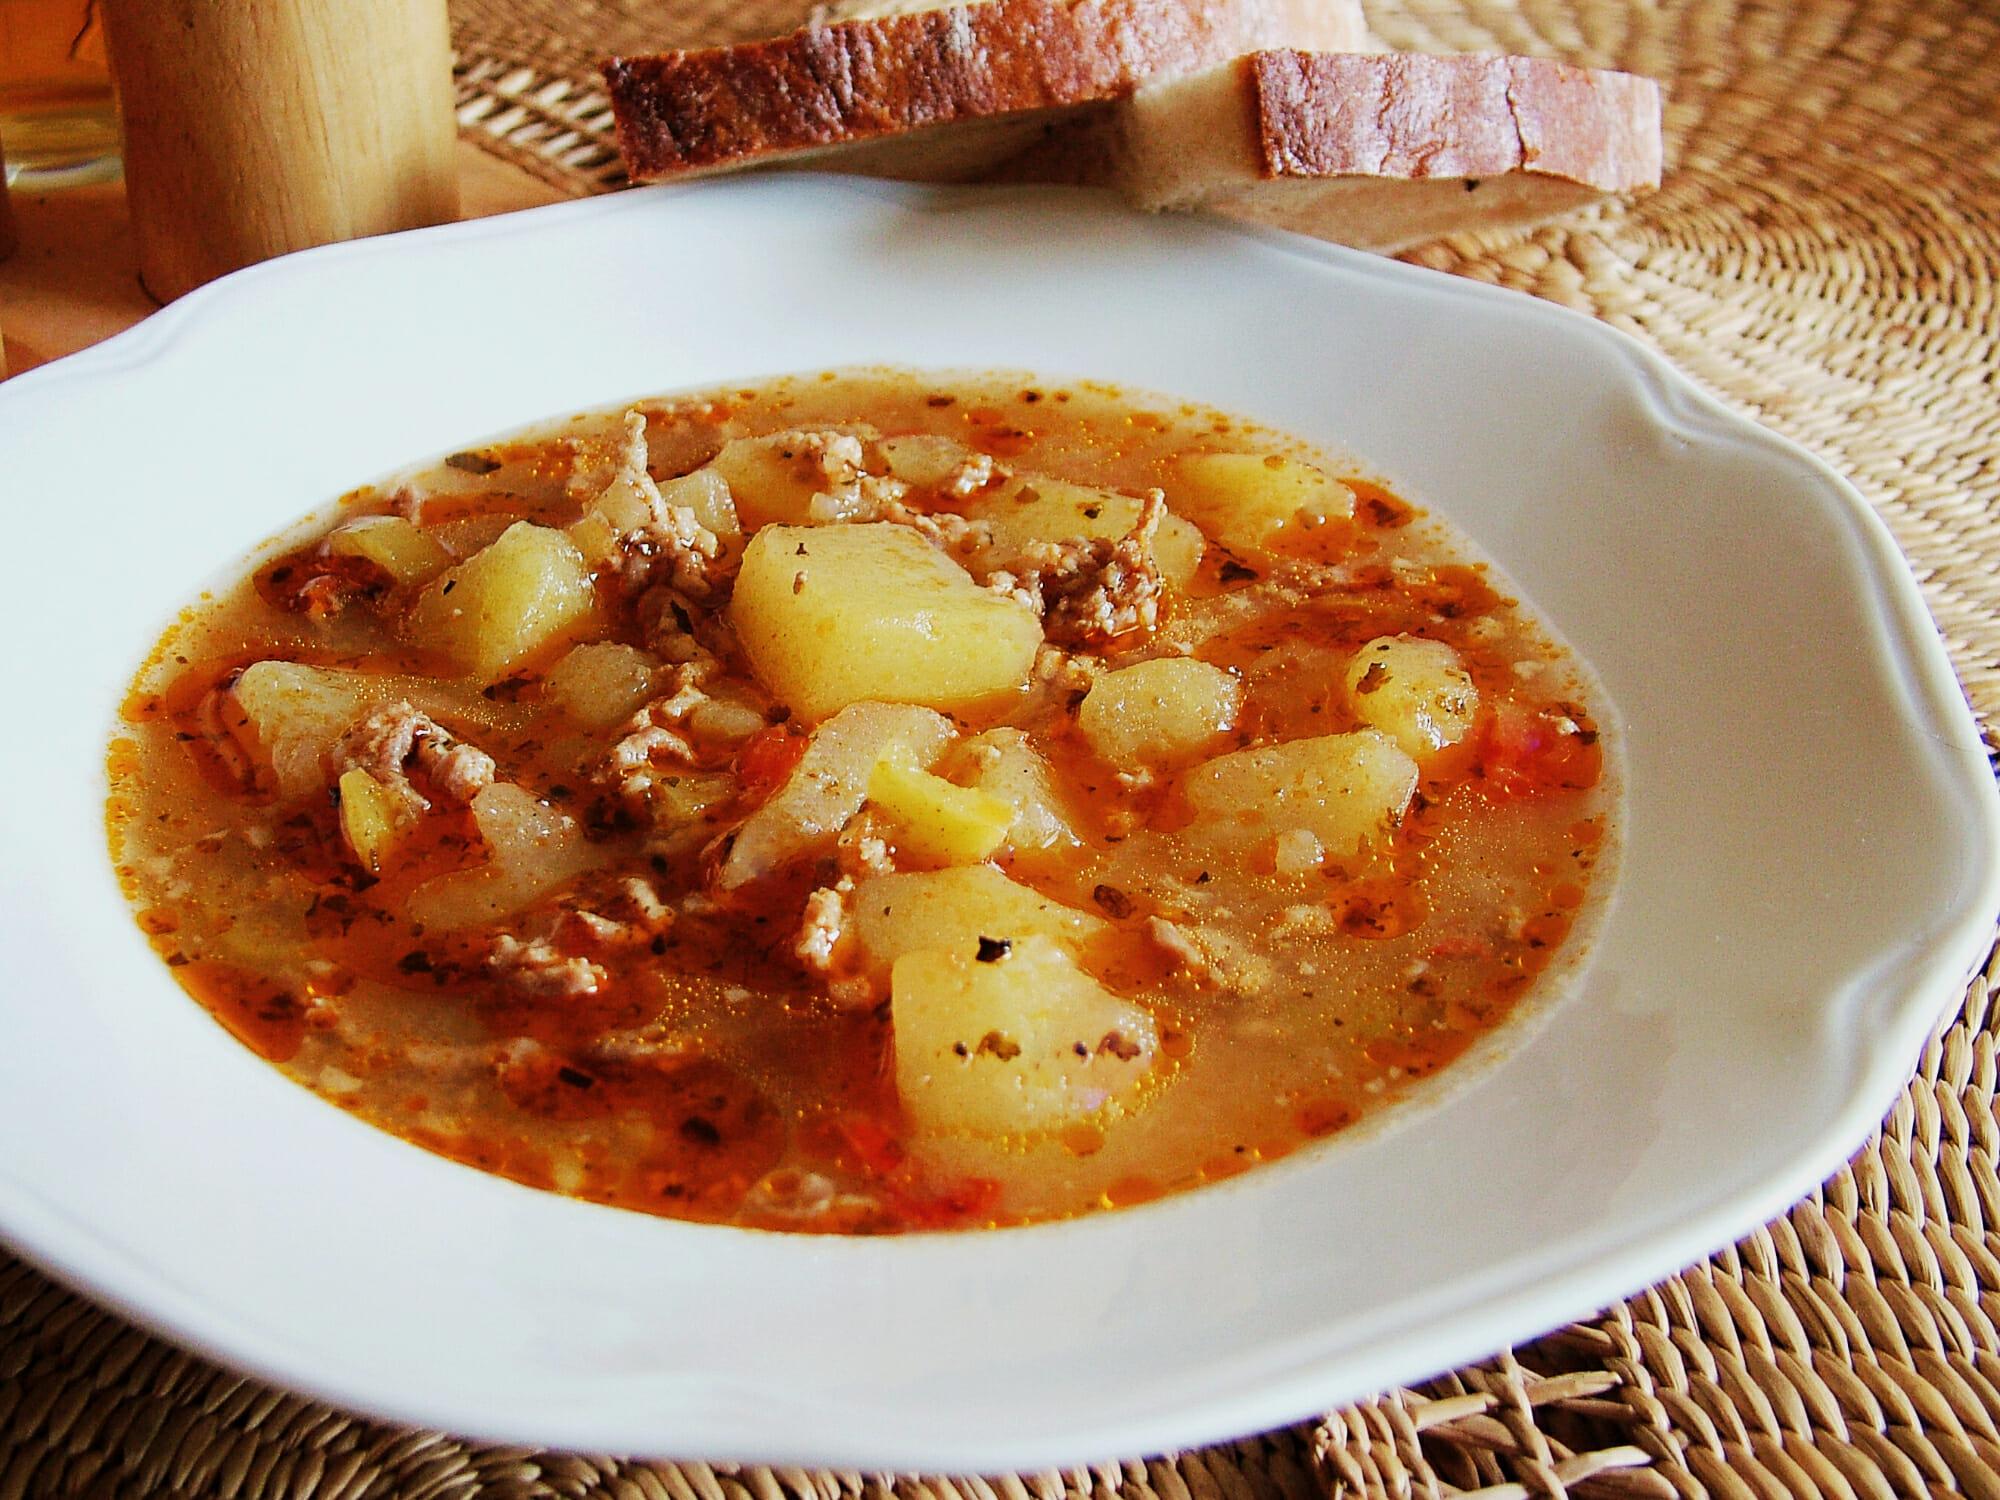 Rýchla gulášová polievka z mletého mäsa